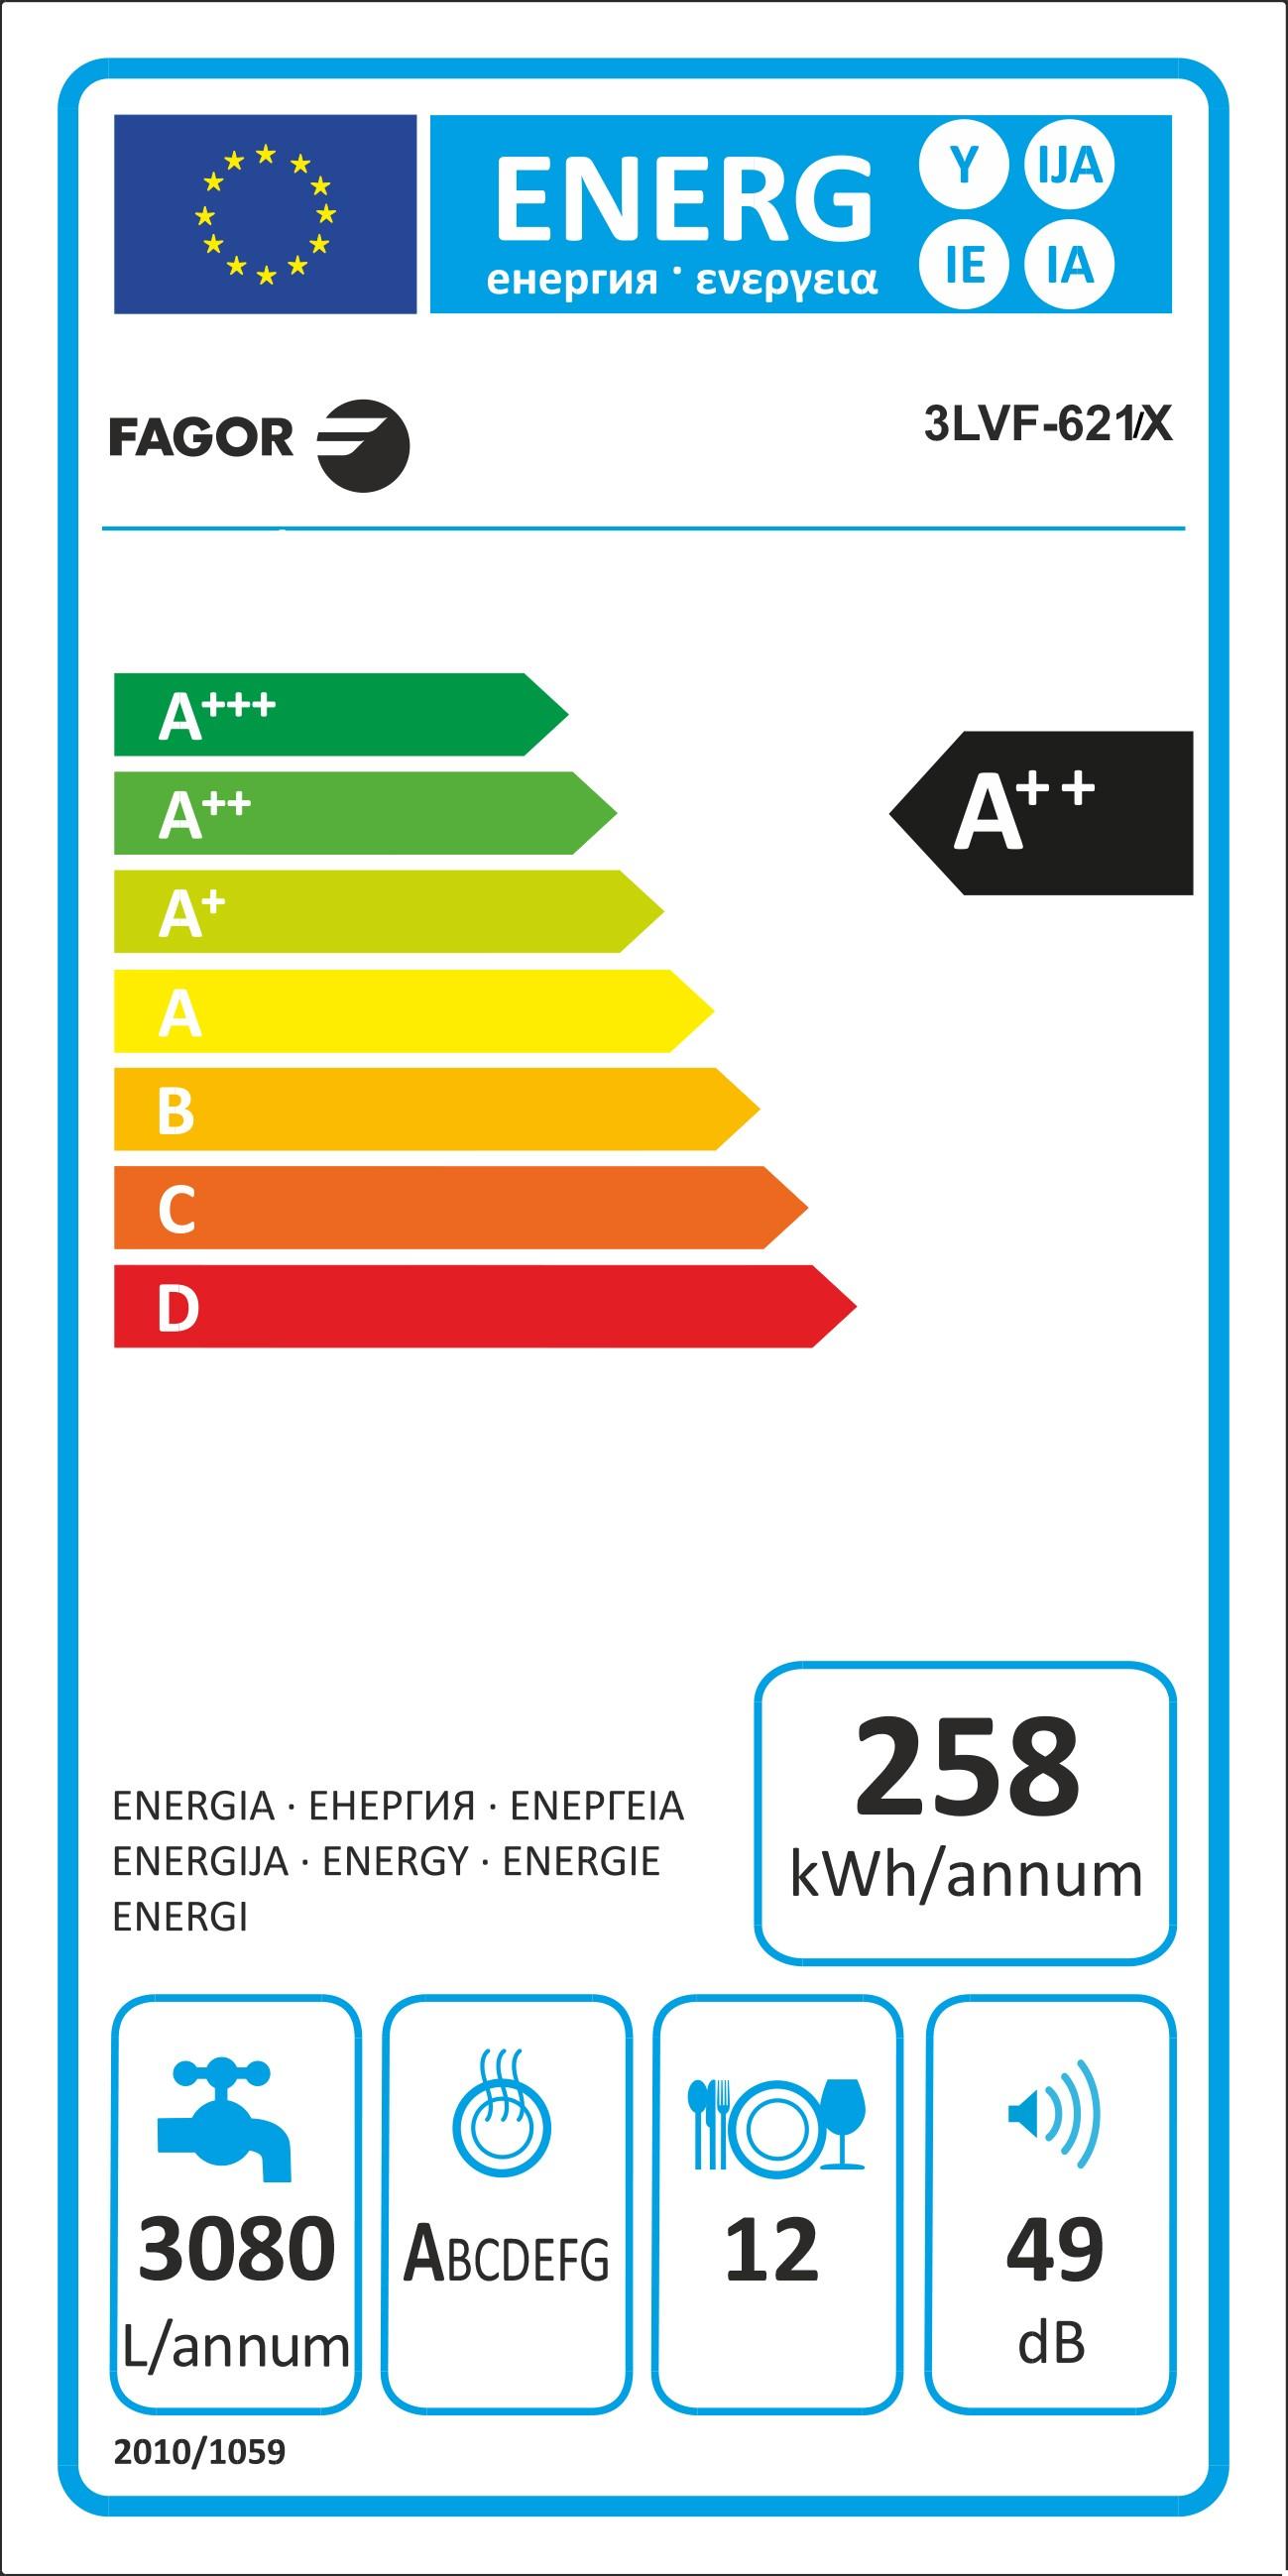 Etiqueta de Eficiencia Energética - 3LVF-621.1X